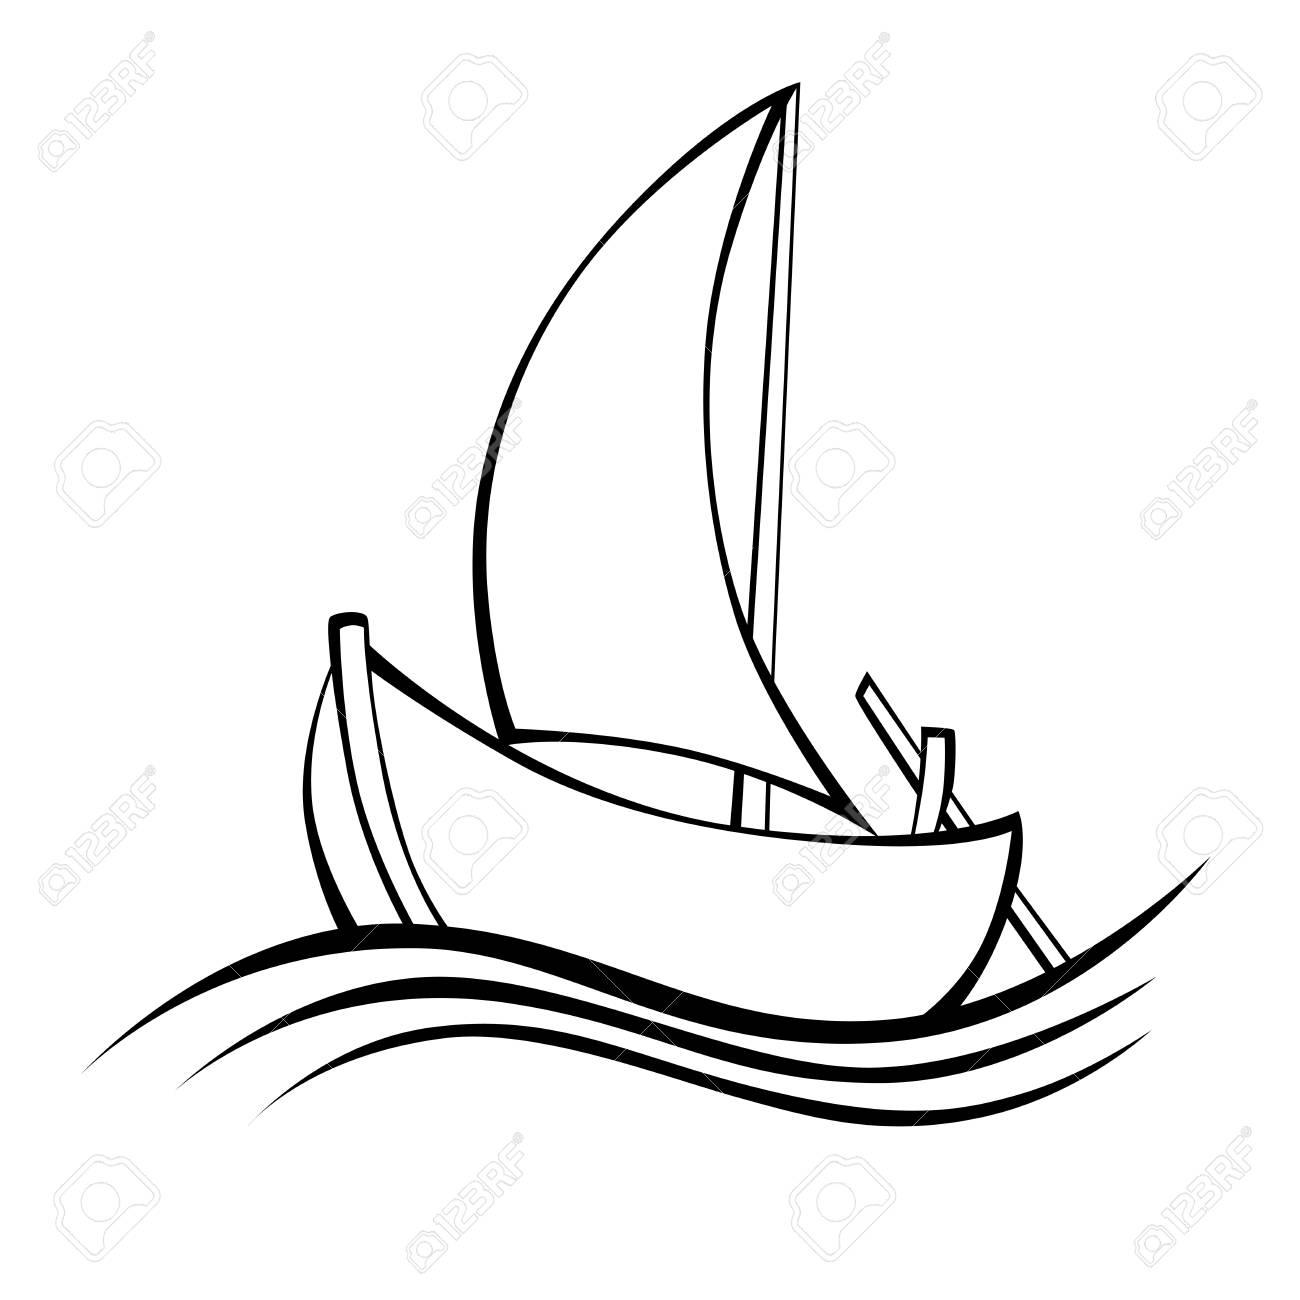 Sailing Boat Line Drawing At Getdrawings